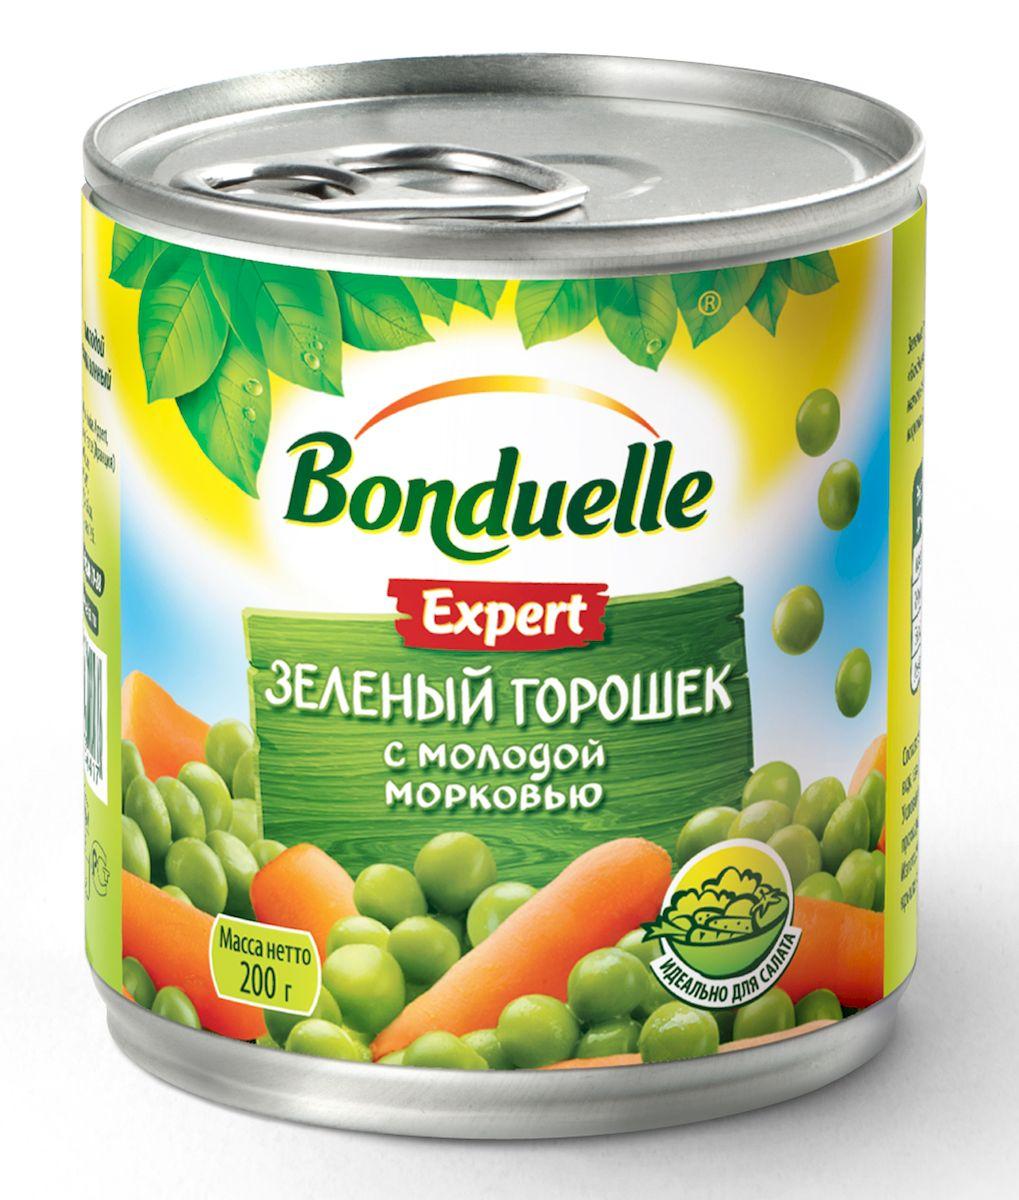 Bonduelle зеленый горошек с молодой морковью, 200 г930Вы считаете, что нет ничего проще обычного зеленого горошка? Тогда попробуйте наш легендарный микс — горошек и молодая морковь!